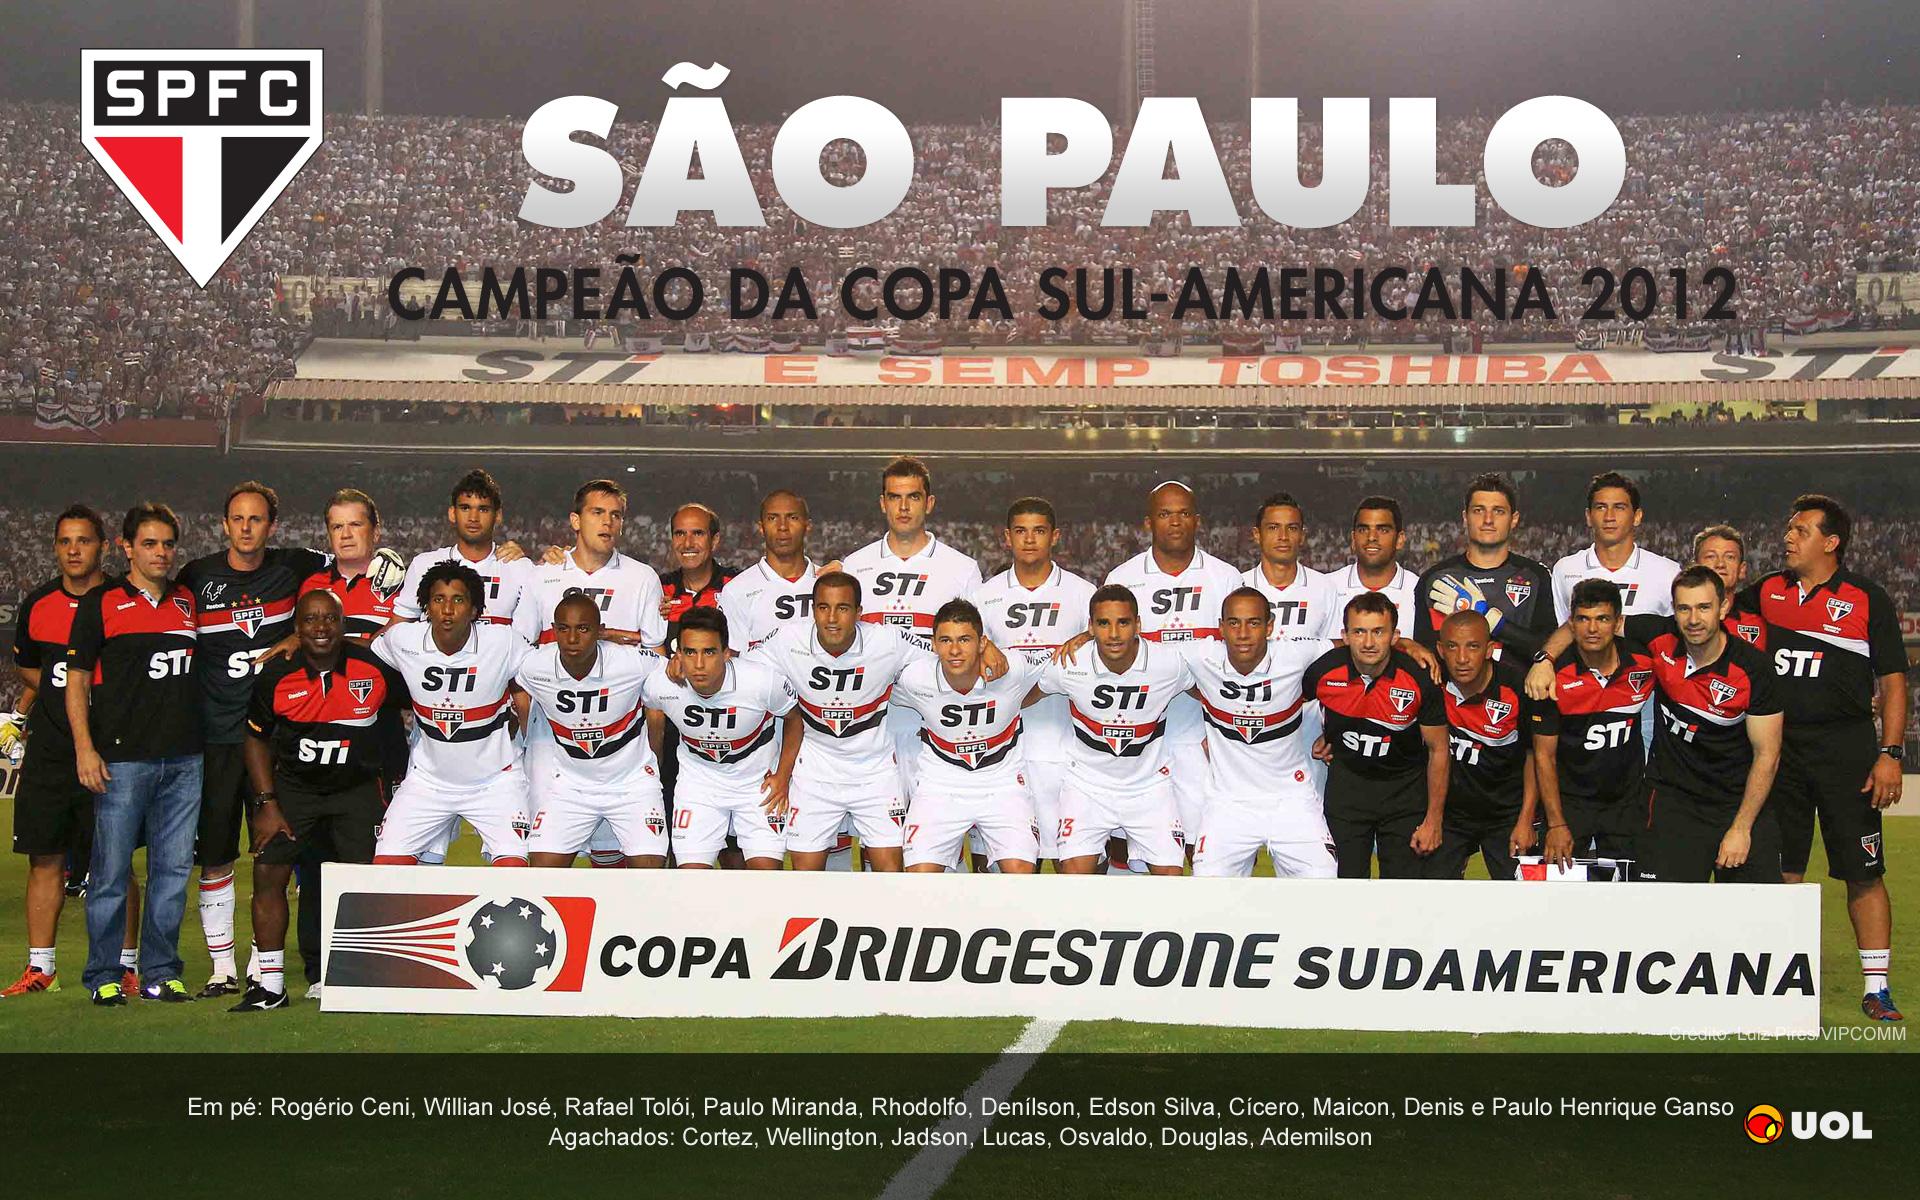 São Paulo campeão da Copa Sul-Americana 2012 - Pôsteres - UOL Esporte